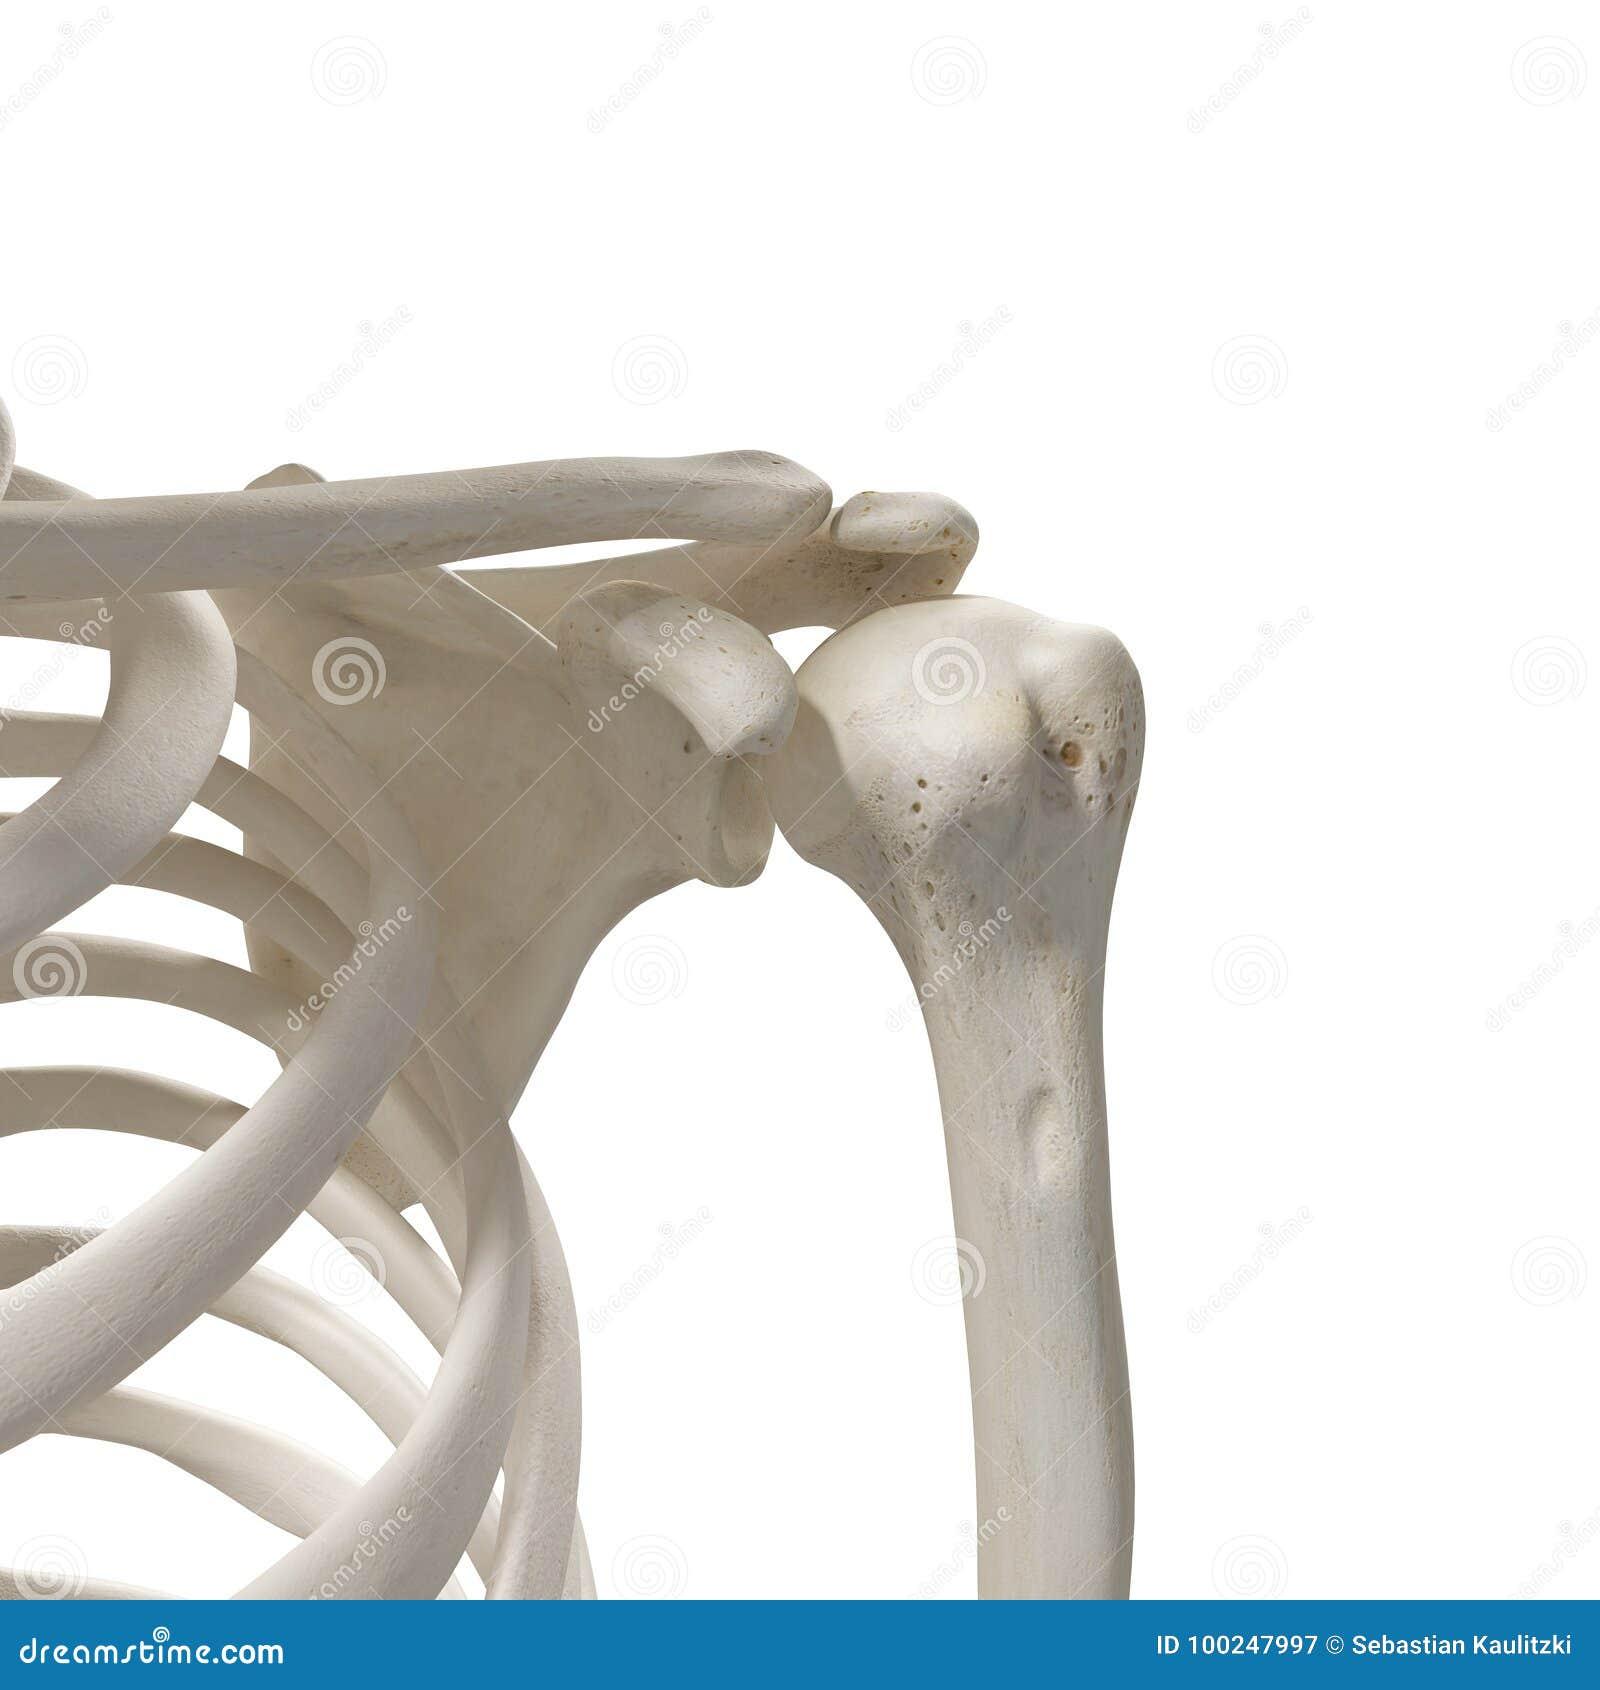 The Shoulder Bones Stock Illustration Illustration Of Bones 100247997